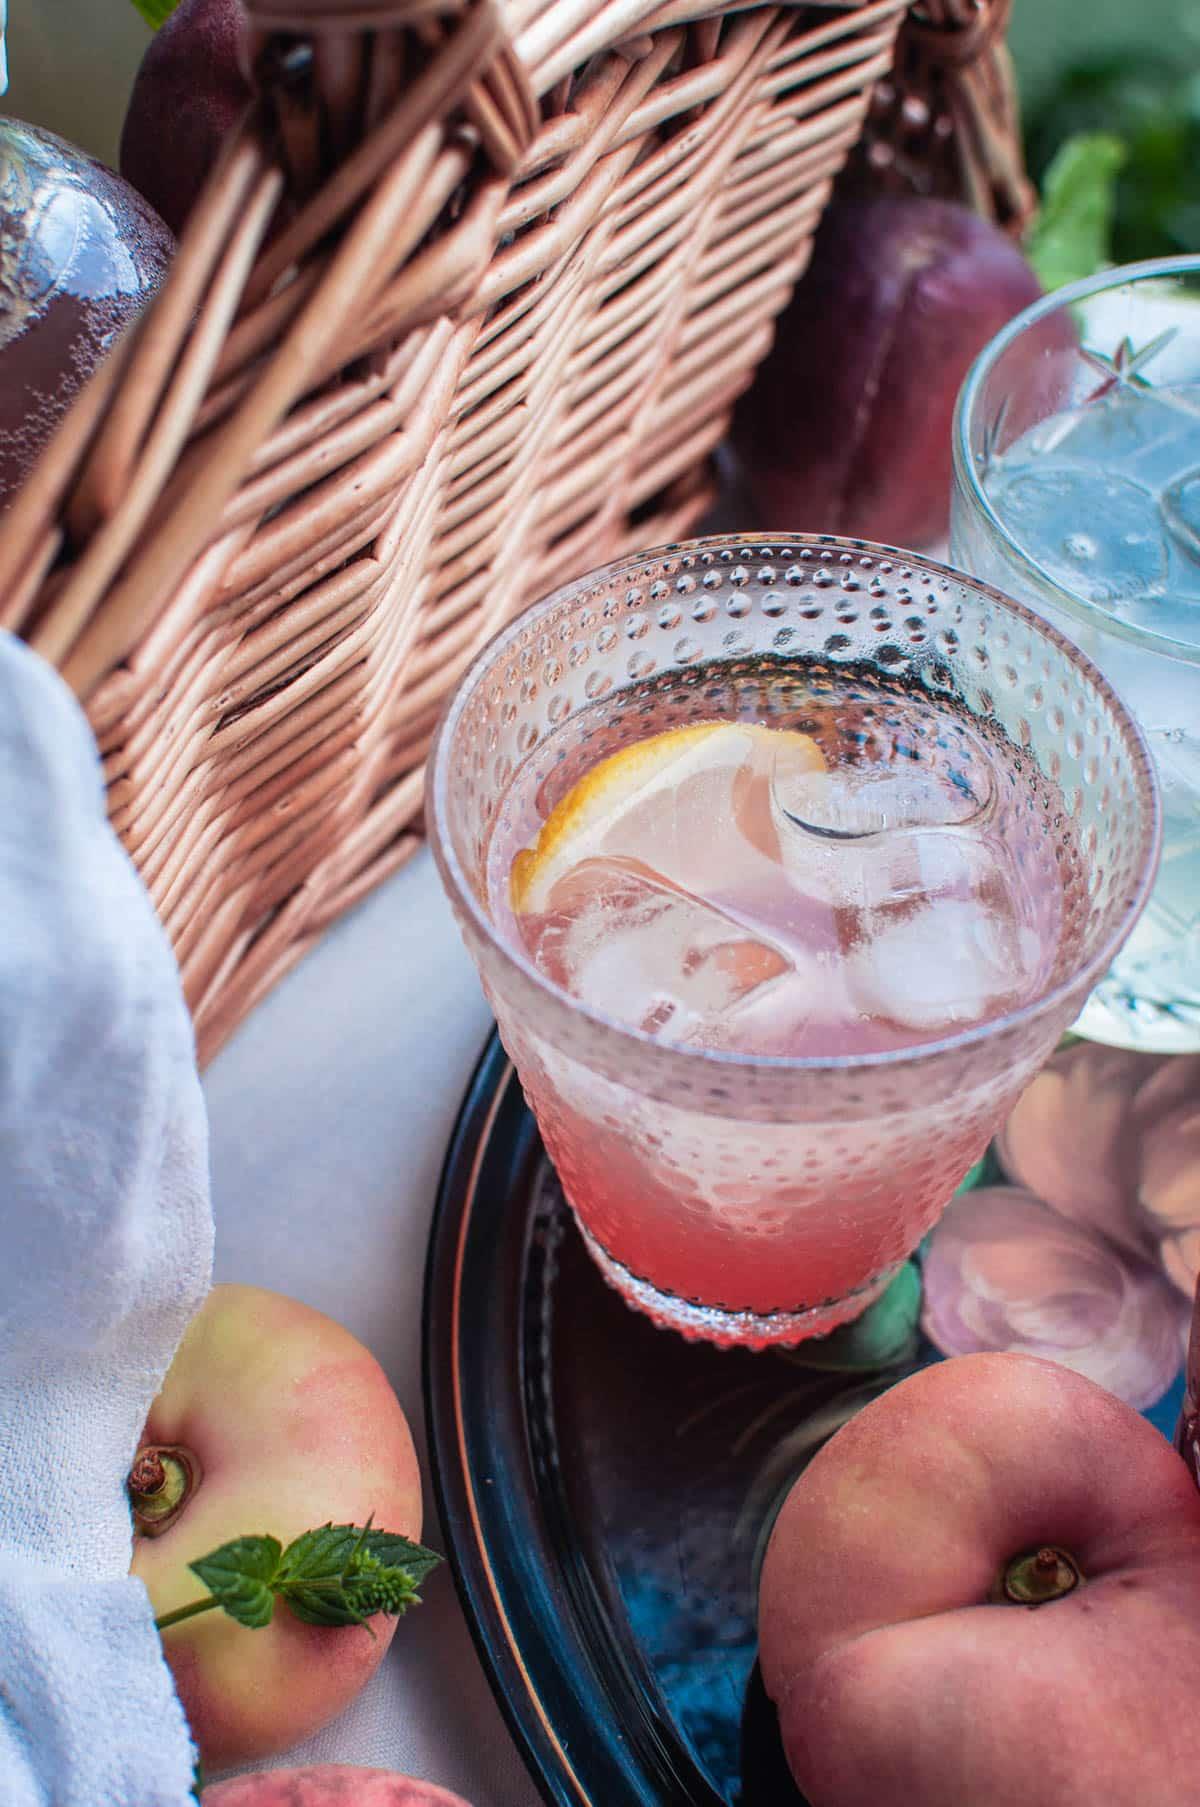 Lähikuva persikkalimonadista lasissa. Koristeena puolikas sitruunaviipale. Lasin ympärillä on littupersikoita.